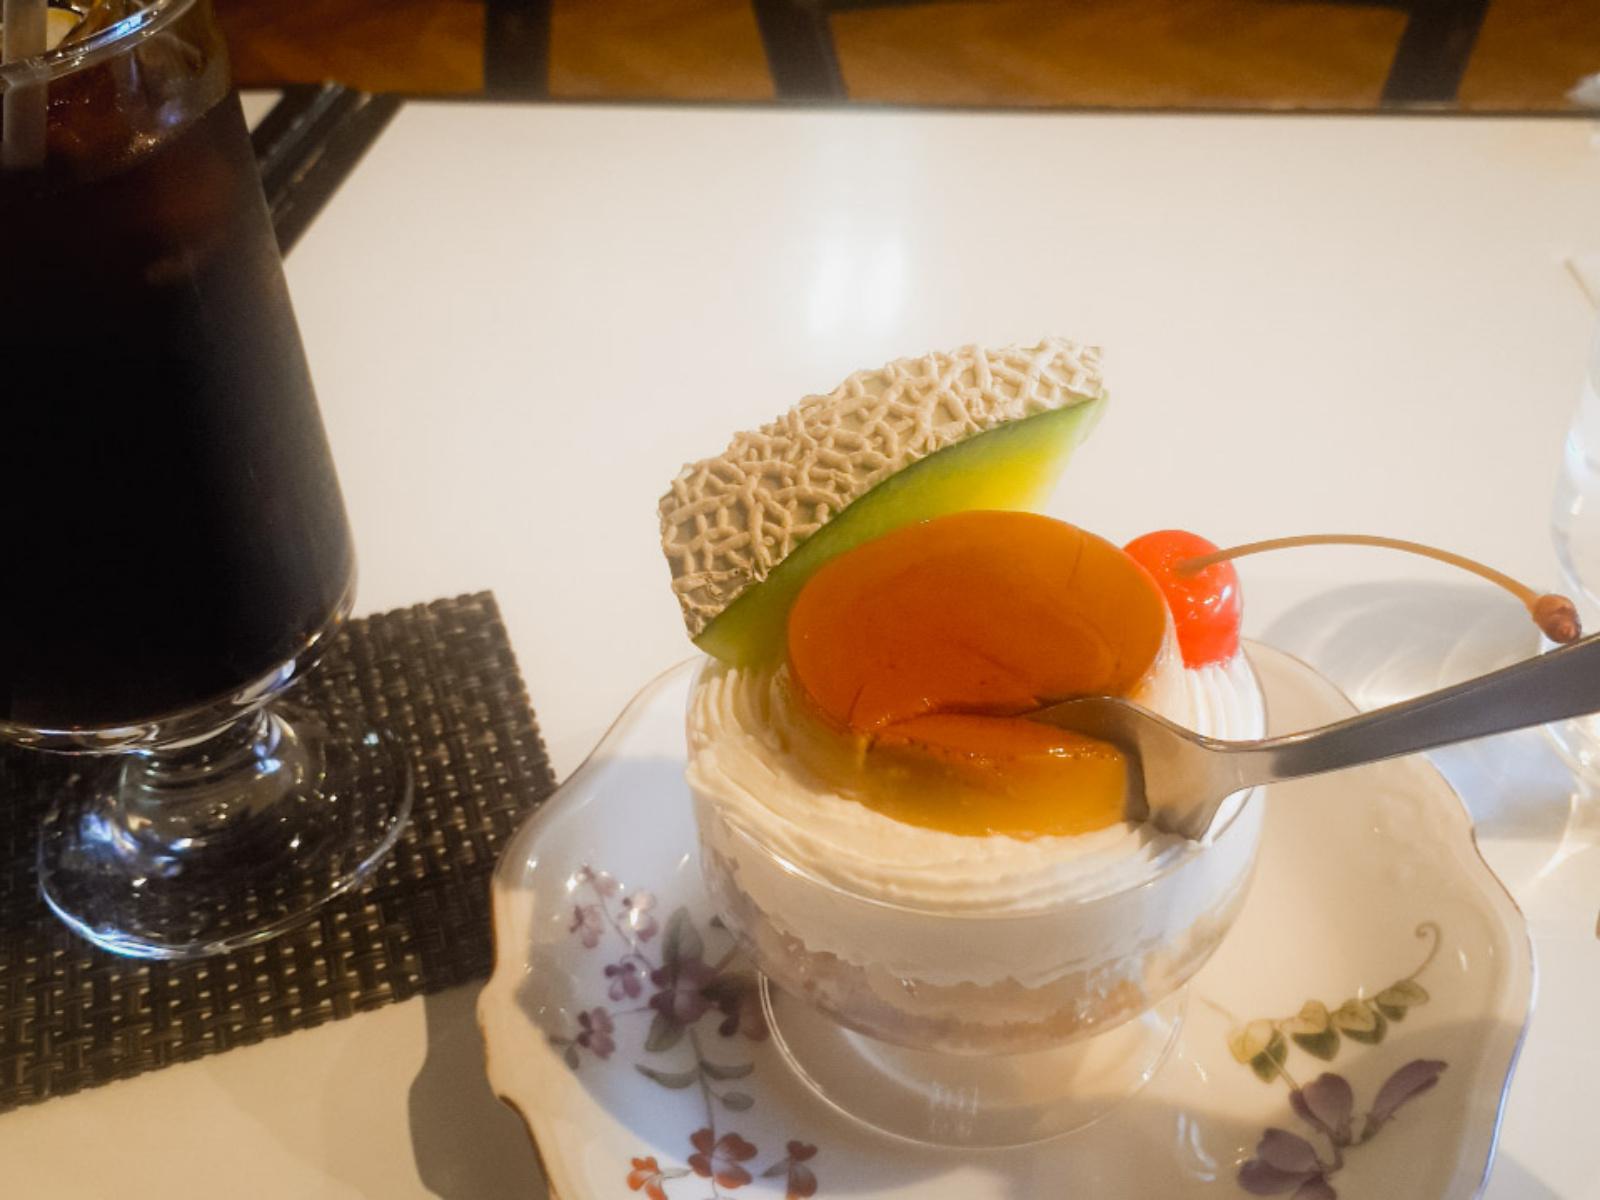 【画像】喫茶店で1人でプリンアラモード食ってる男wwwwwwwwwwwwwwwwww